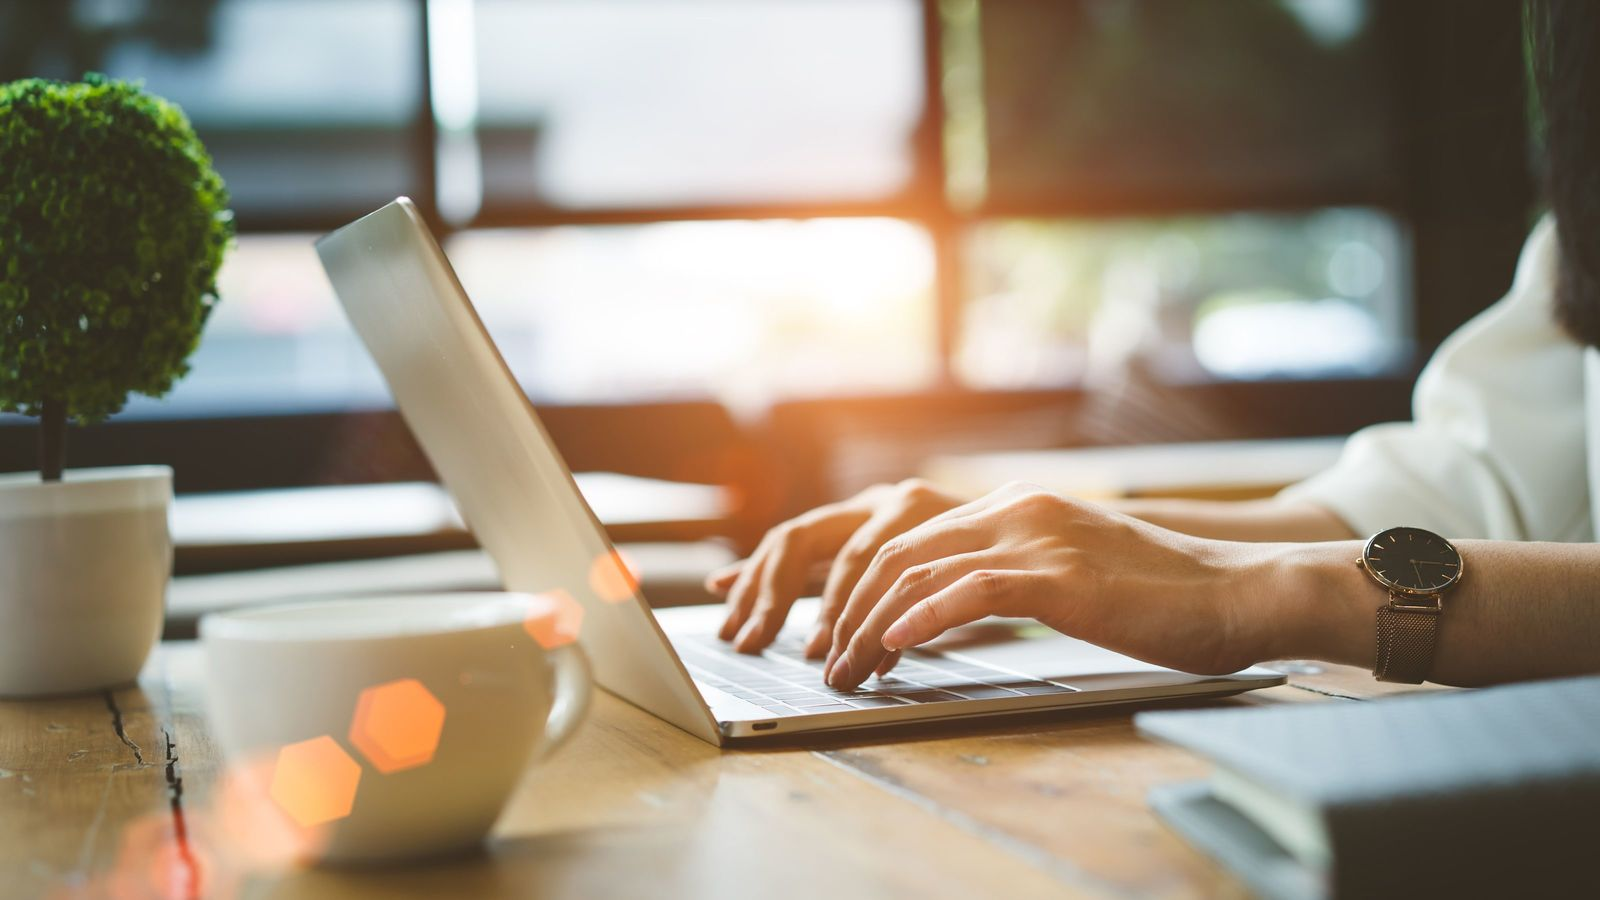 仕事のできる人は、「メールに即レス」をしない 夜に書いたメールはリスクが大きい